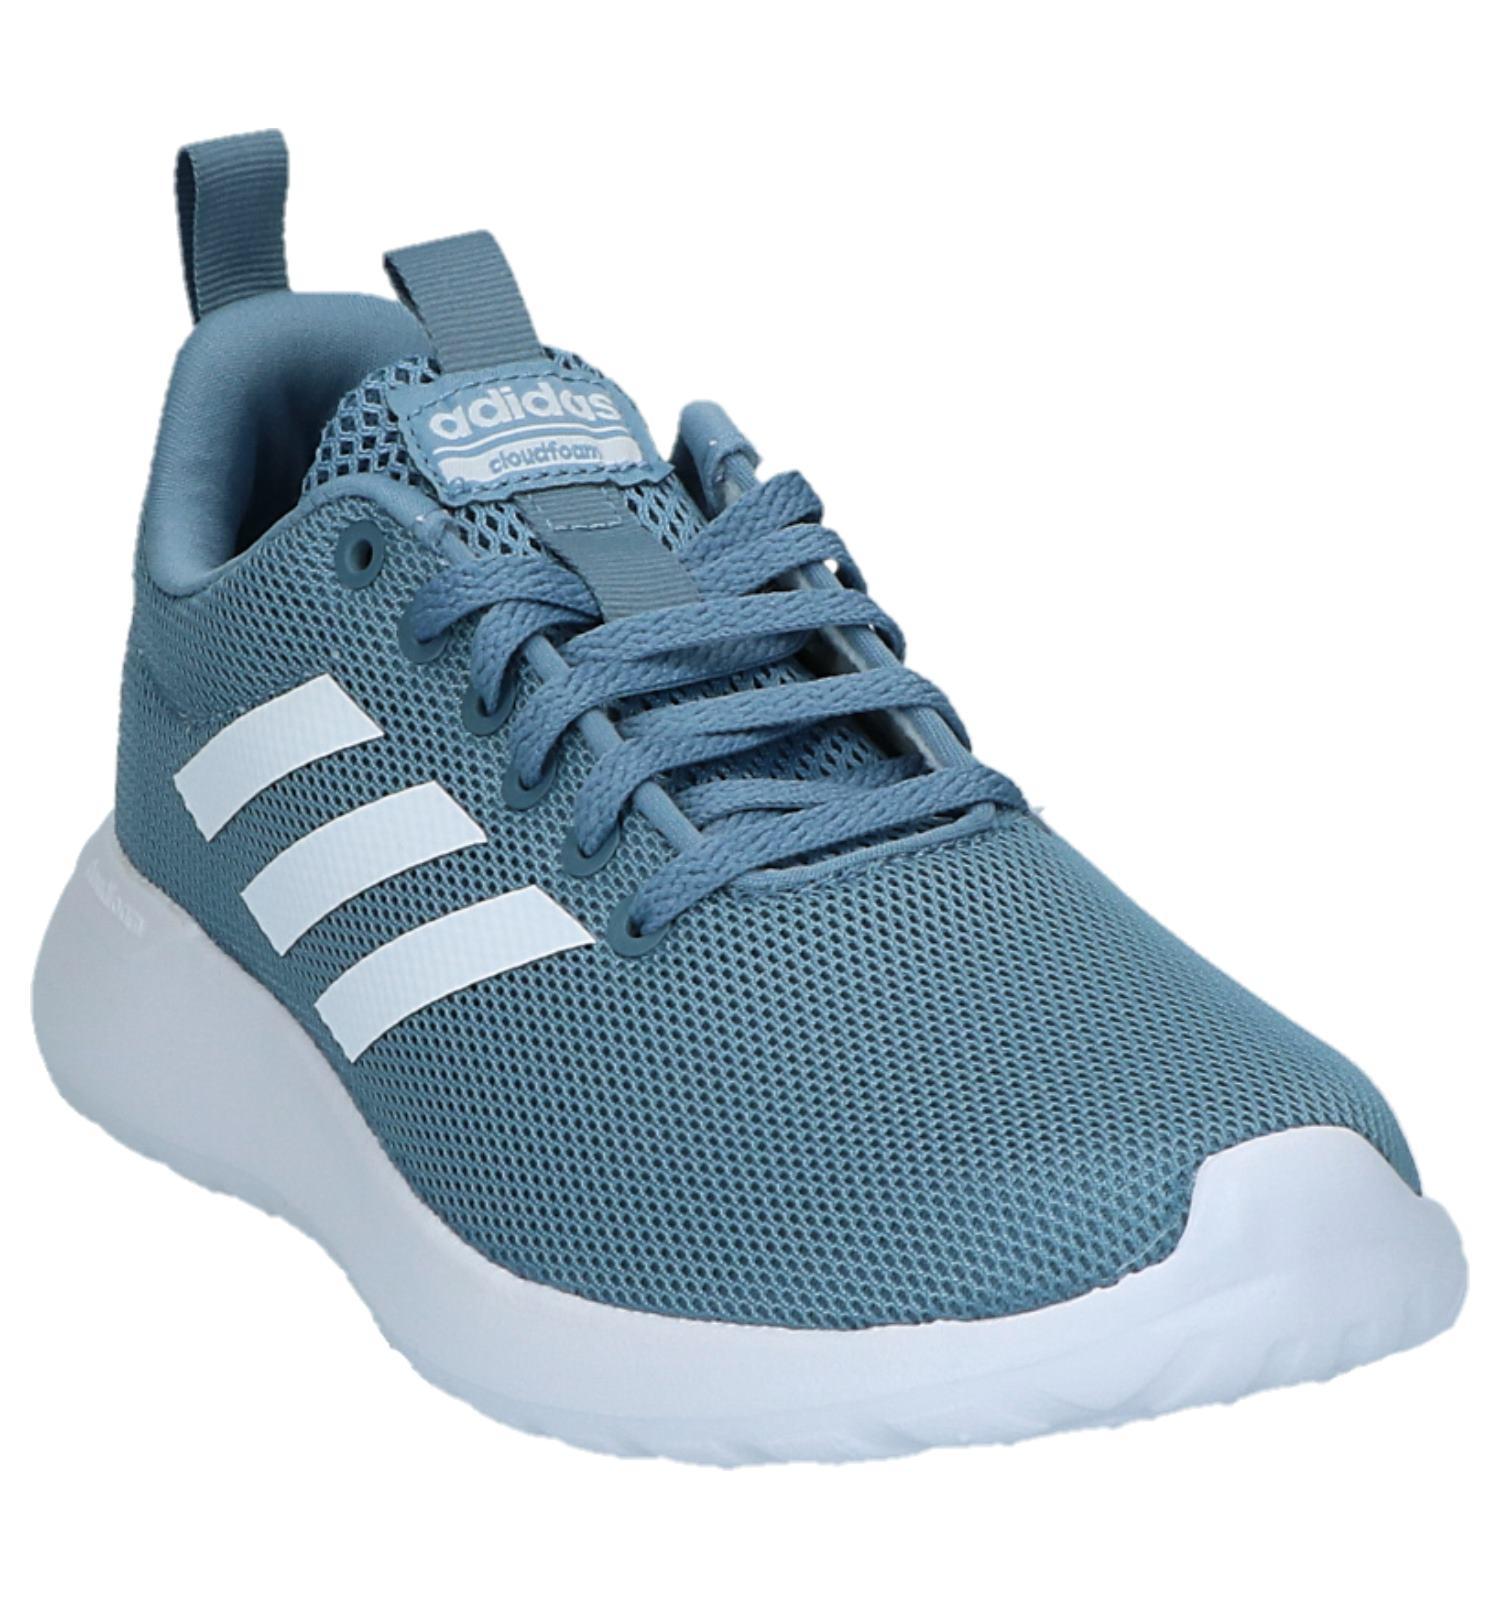 2ce9369eeec Lichtblauwe adidas Lite Racer CLN W Sneakers | TORFS.BE | Gratis verzend en  retour